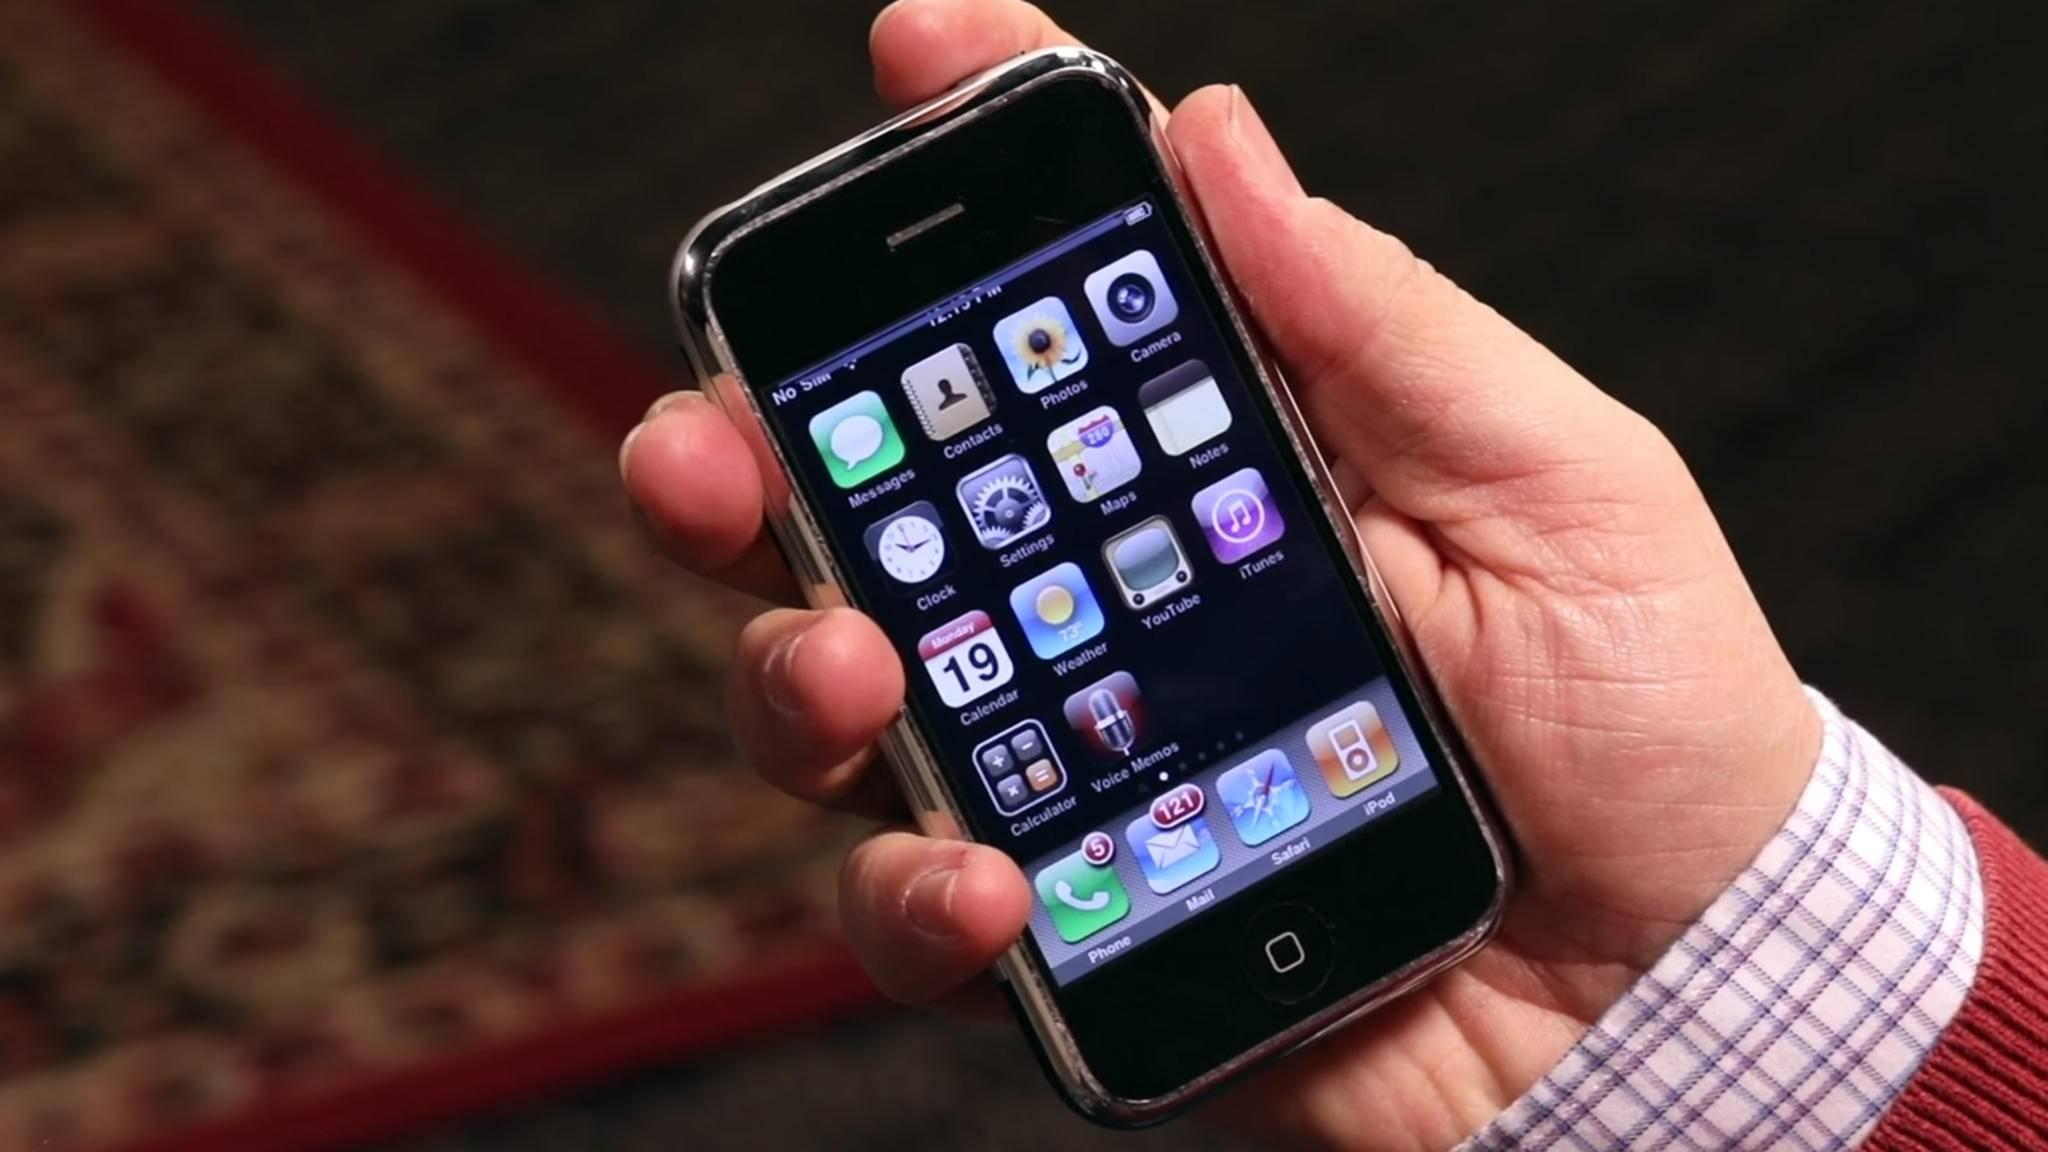 Das erste iPhone wurde im Januar 2007 vorgestellt.